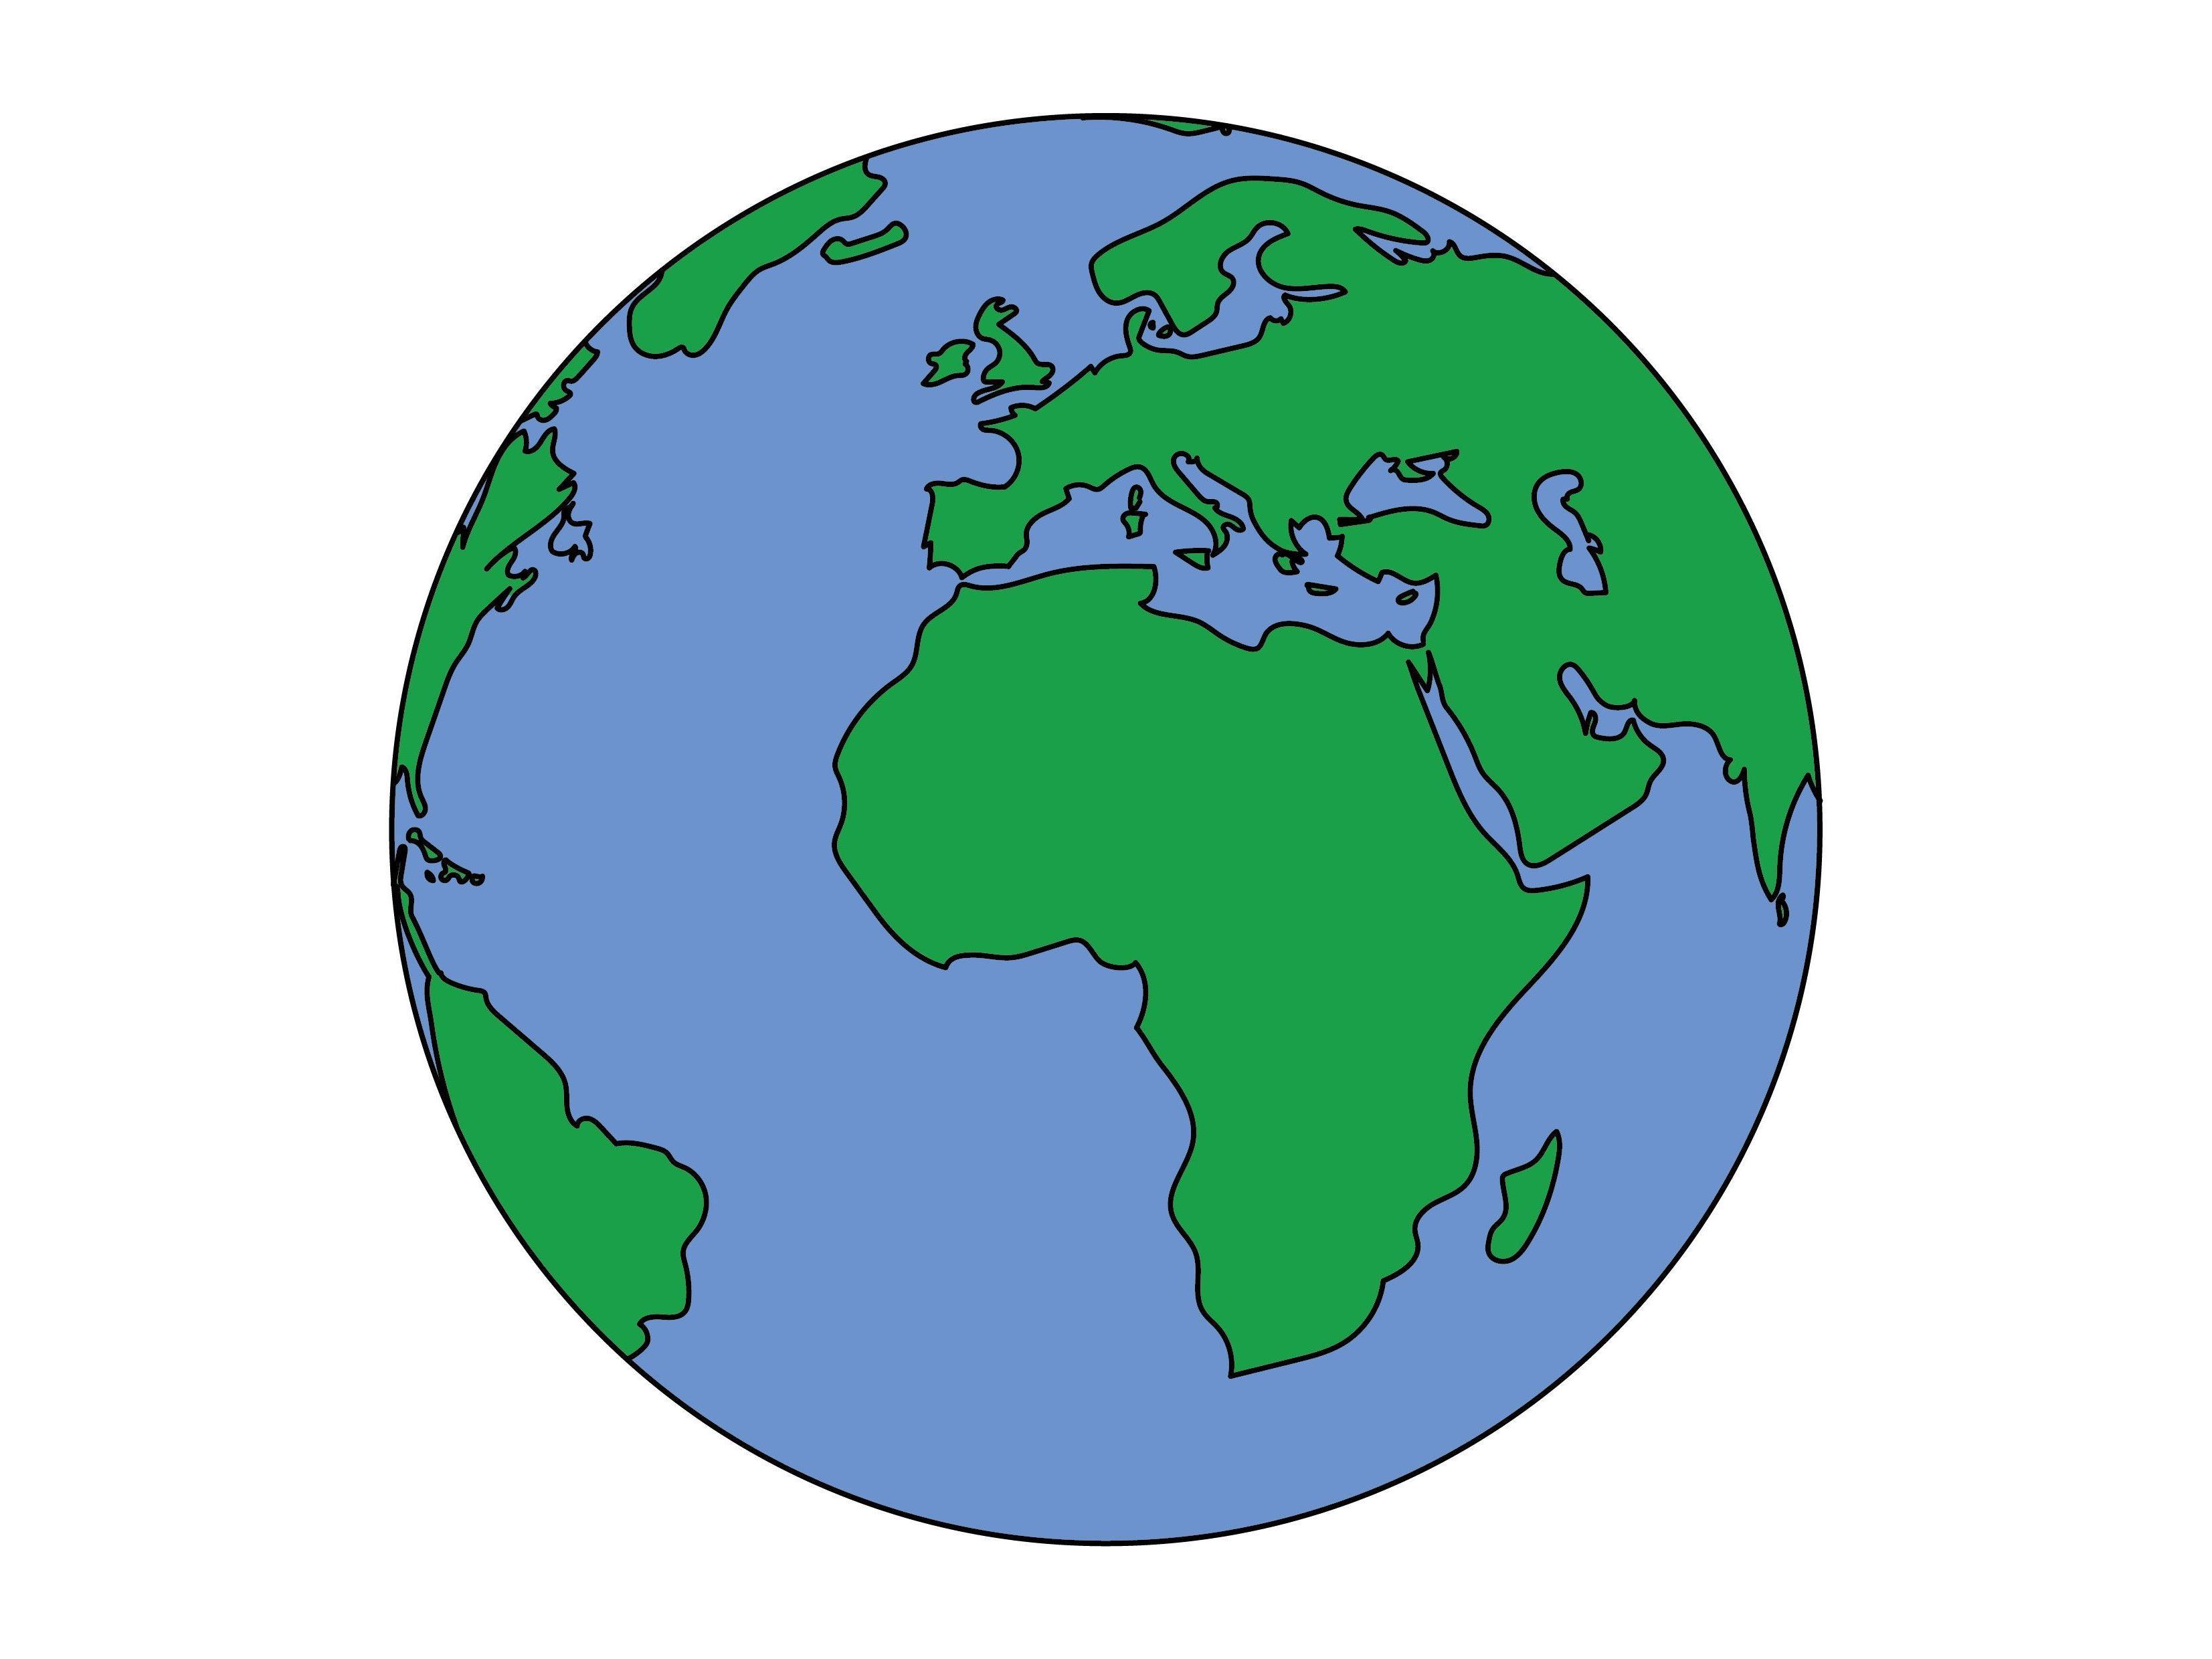 Samstag, 28. März findet von 20.30 bis 21.30 Uhr mit der Earth Hour die weltweit größte Aktion für den Klimaschutz statt.